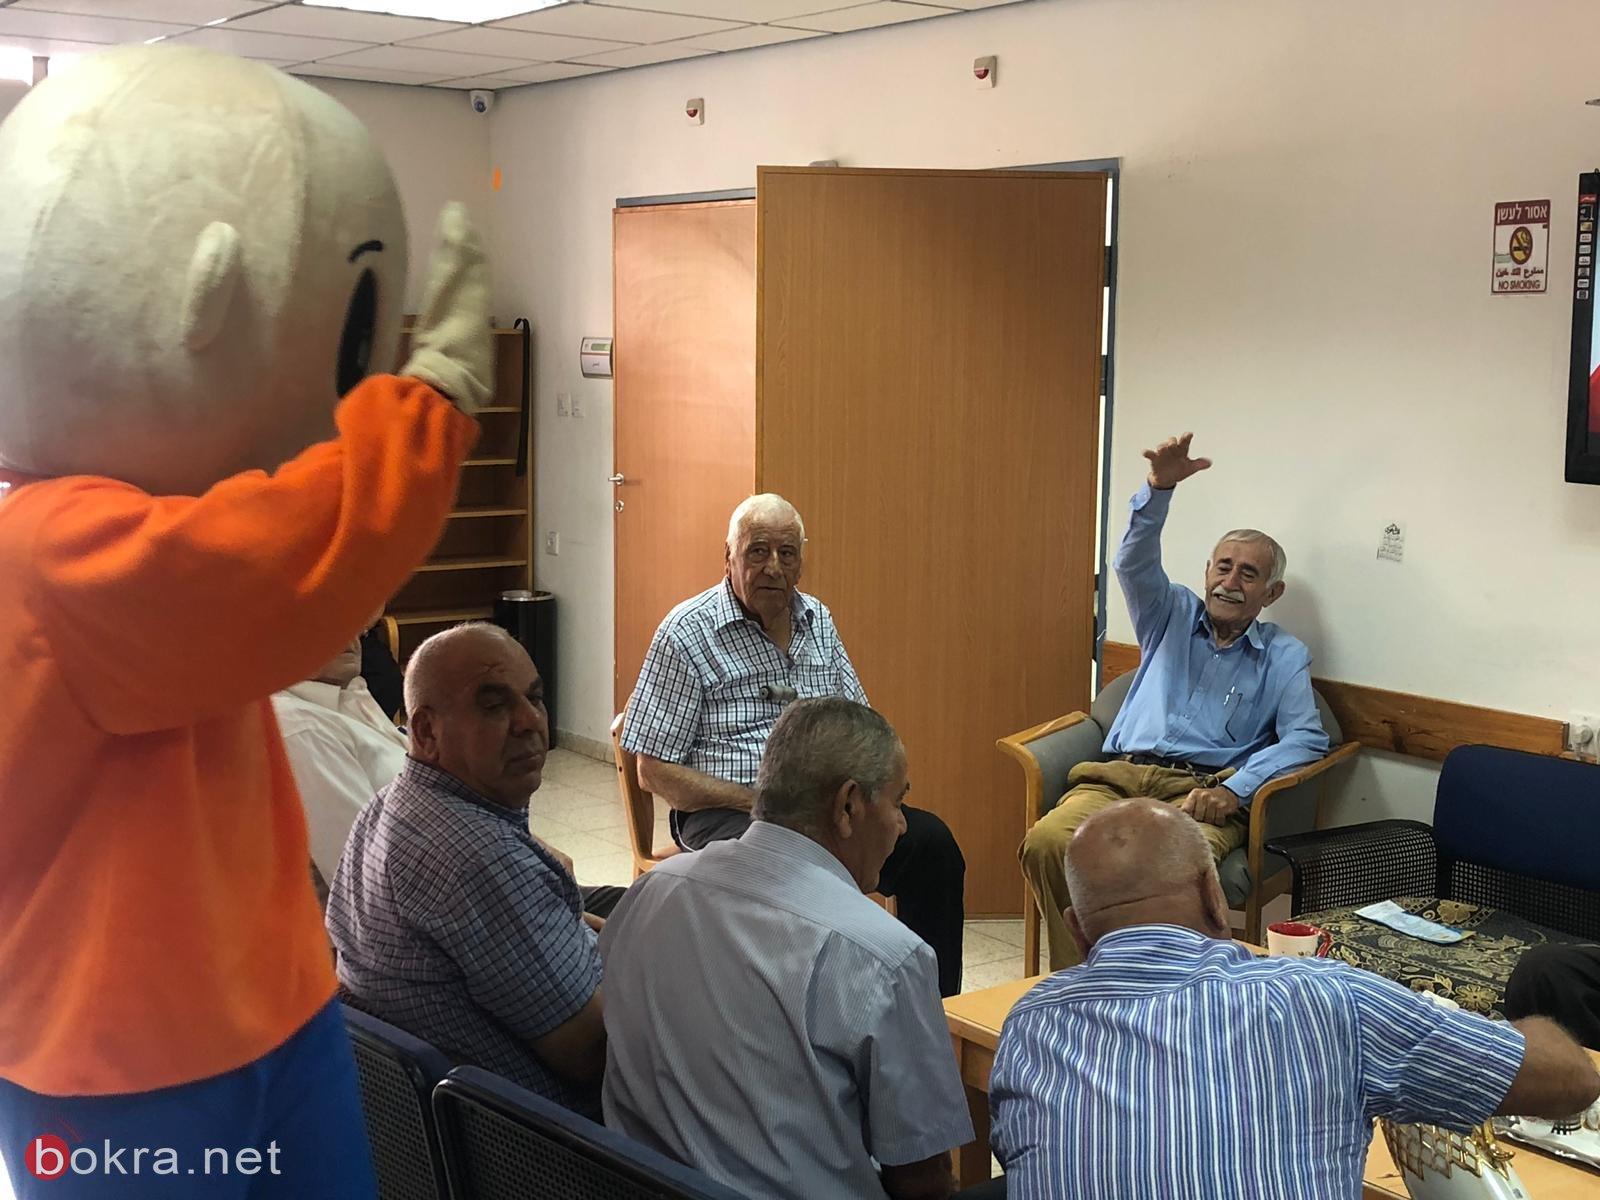 كلاليت تحتفل بالمسنين من خلال تنظيم يوم صحي مثري في المركز اليومي للمسن في باقة الغربية